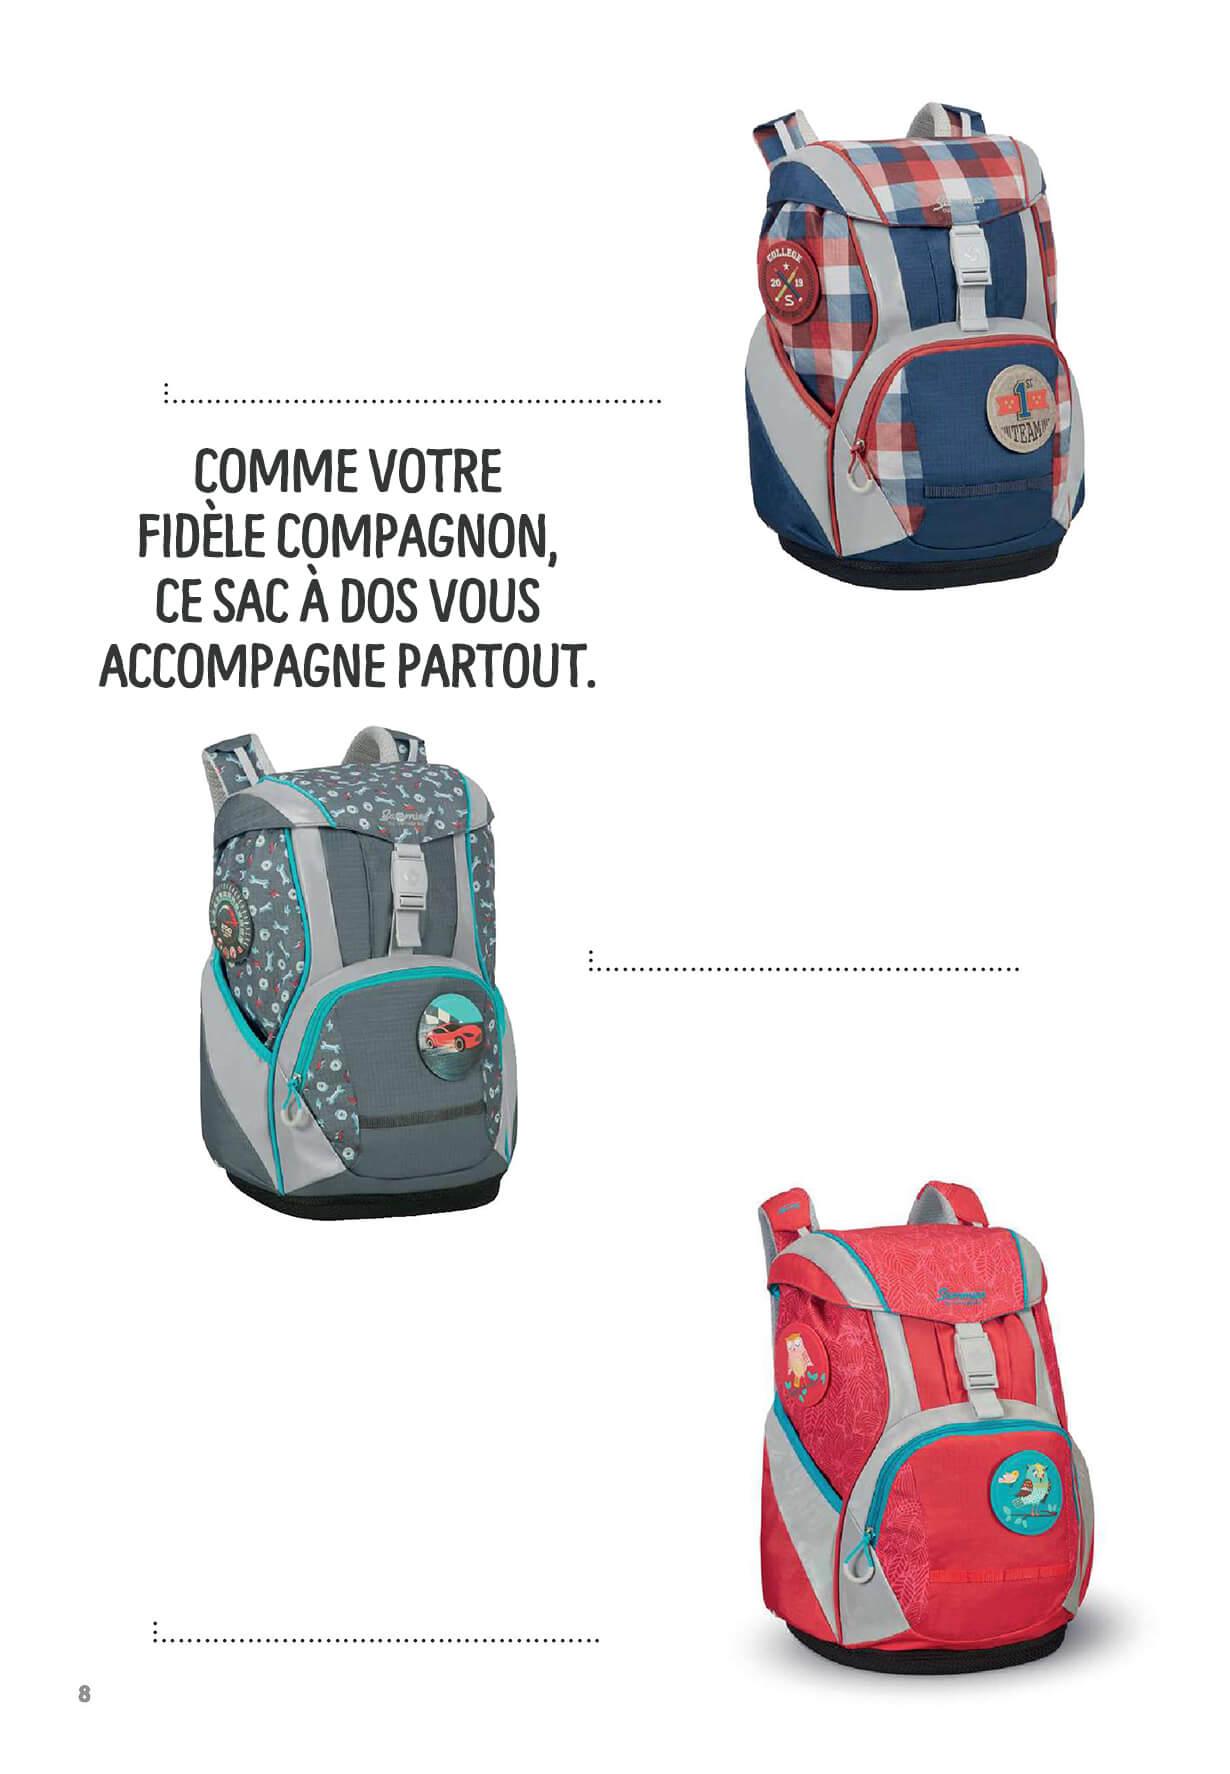 Chaque sac est unique comme chaque enfant qui le porte - Comme votre fidèle compagnon, ce sac à dos vous accompagne partout.